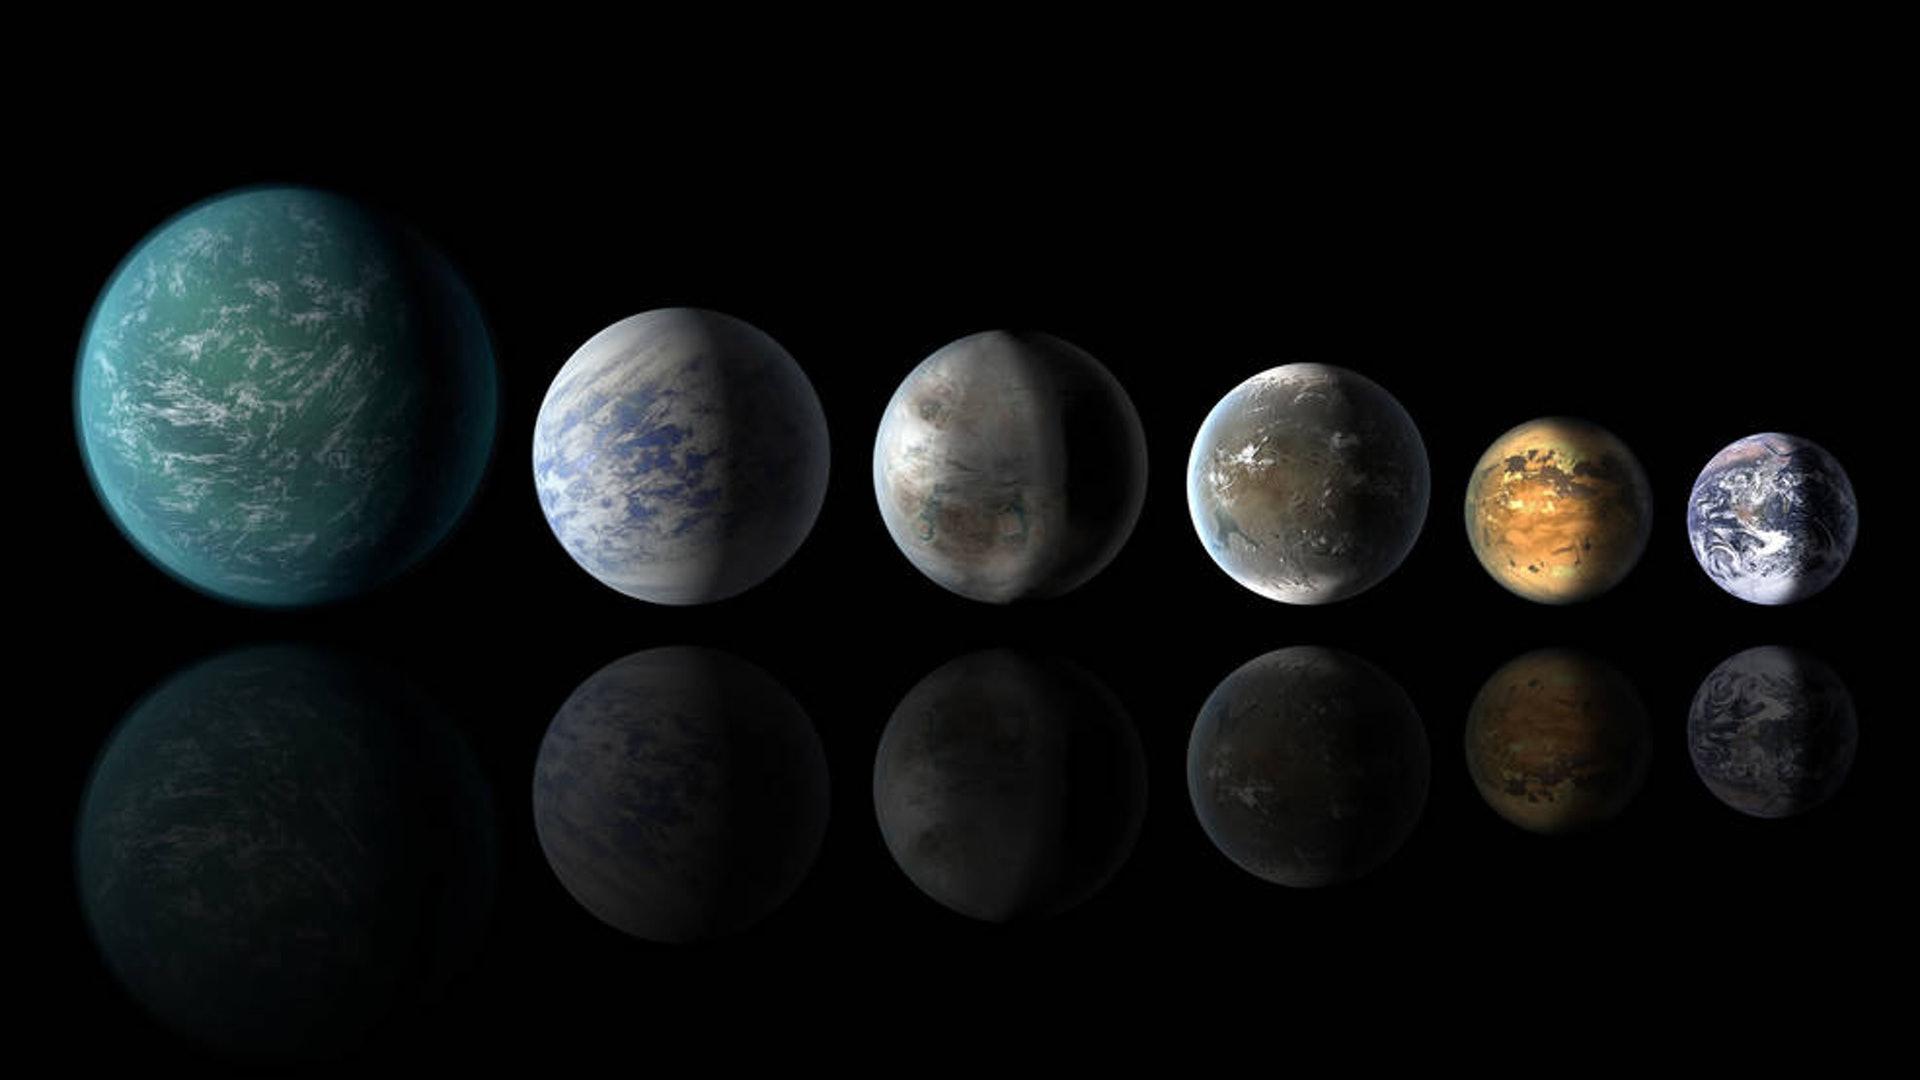 畫下筆下類似地球的宜居星體(左起):開普勒-22b,開普勒-69c,開普勒-452b,開普勒-62f 和開普勒-186f,右為地球。(美國太空總署)